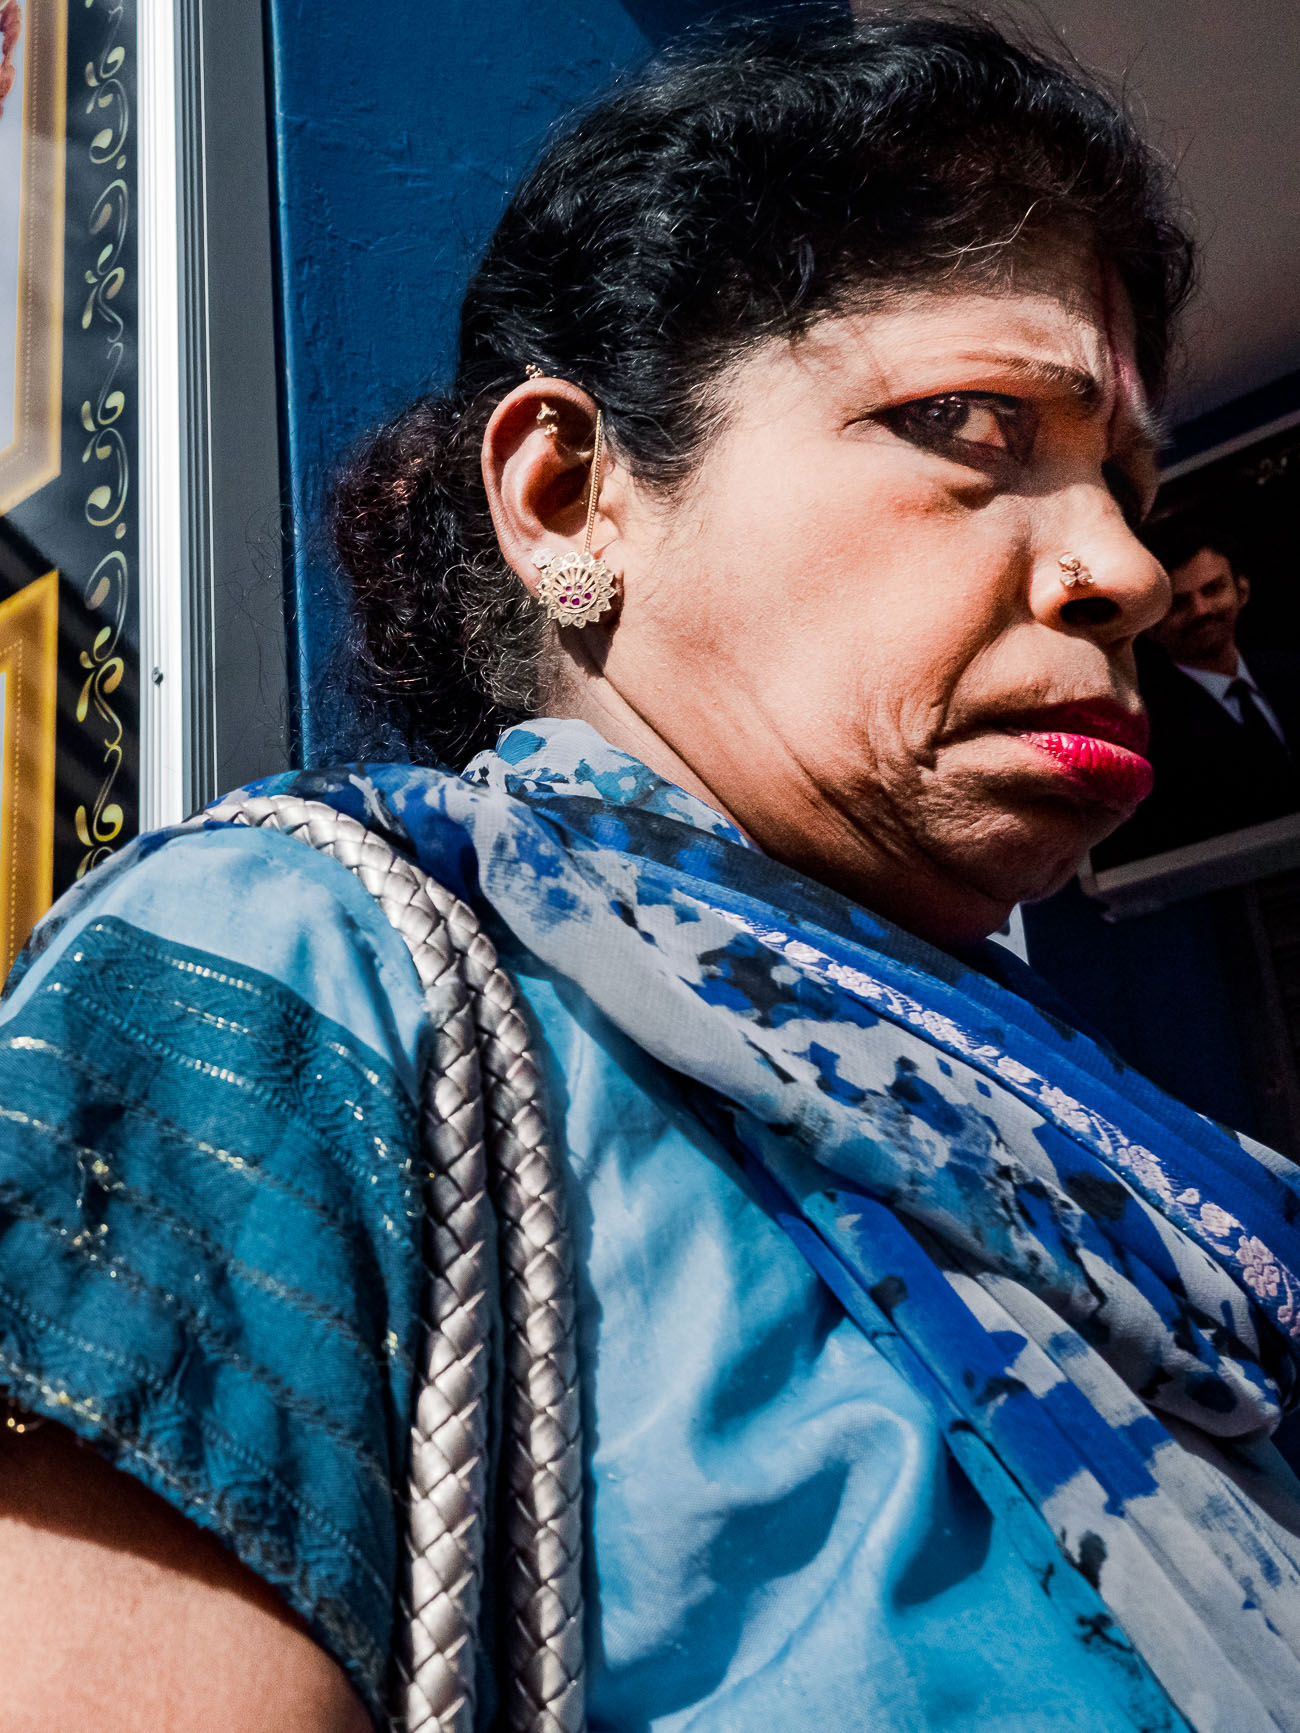 Frau in Singapore schaut grimmig